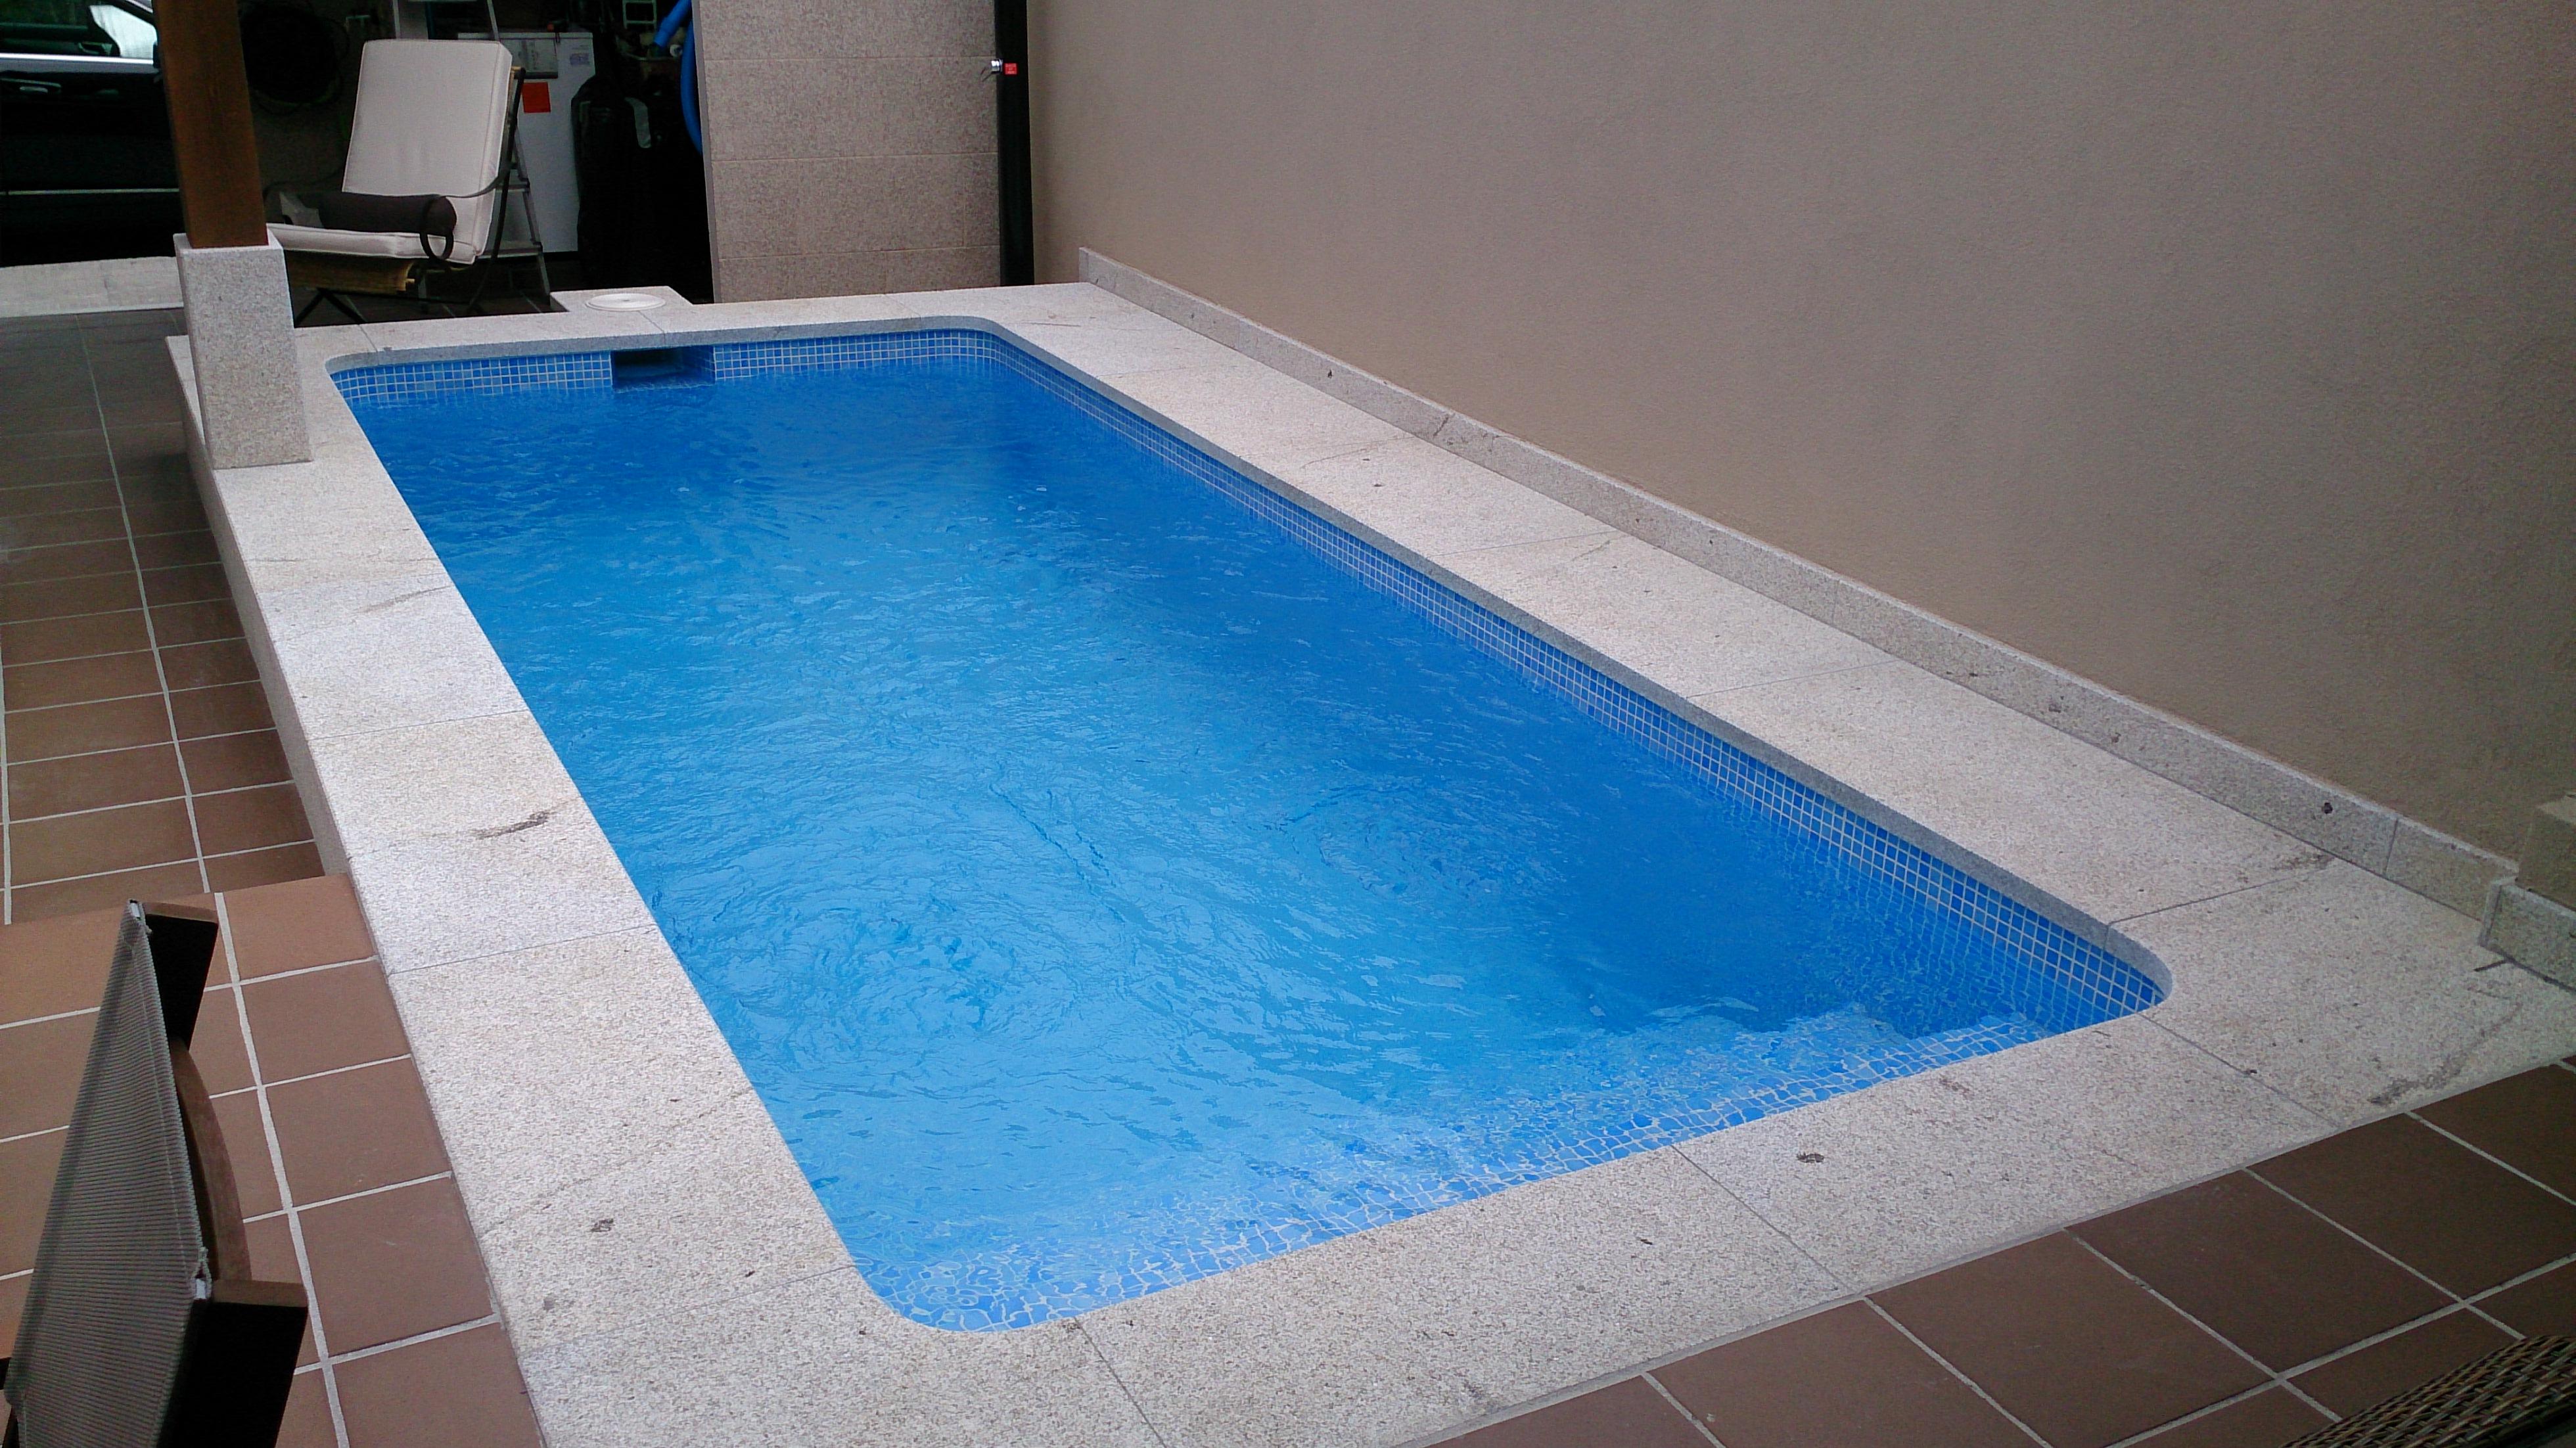 Piscinas salnes piscinas de hormigon for Construccion de piletas de hormigon